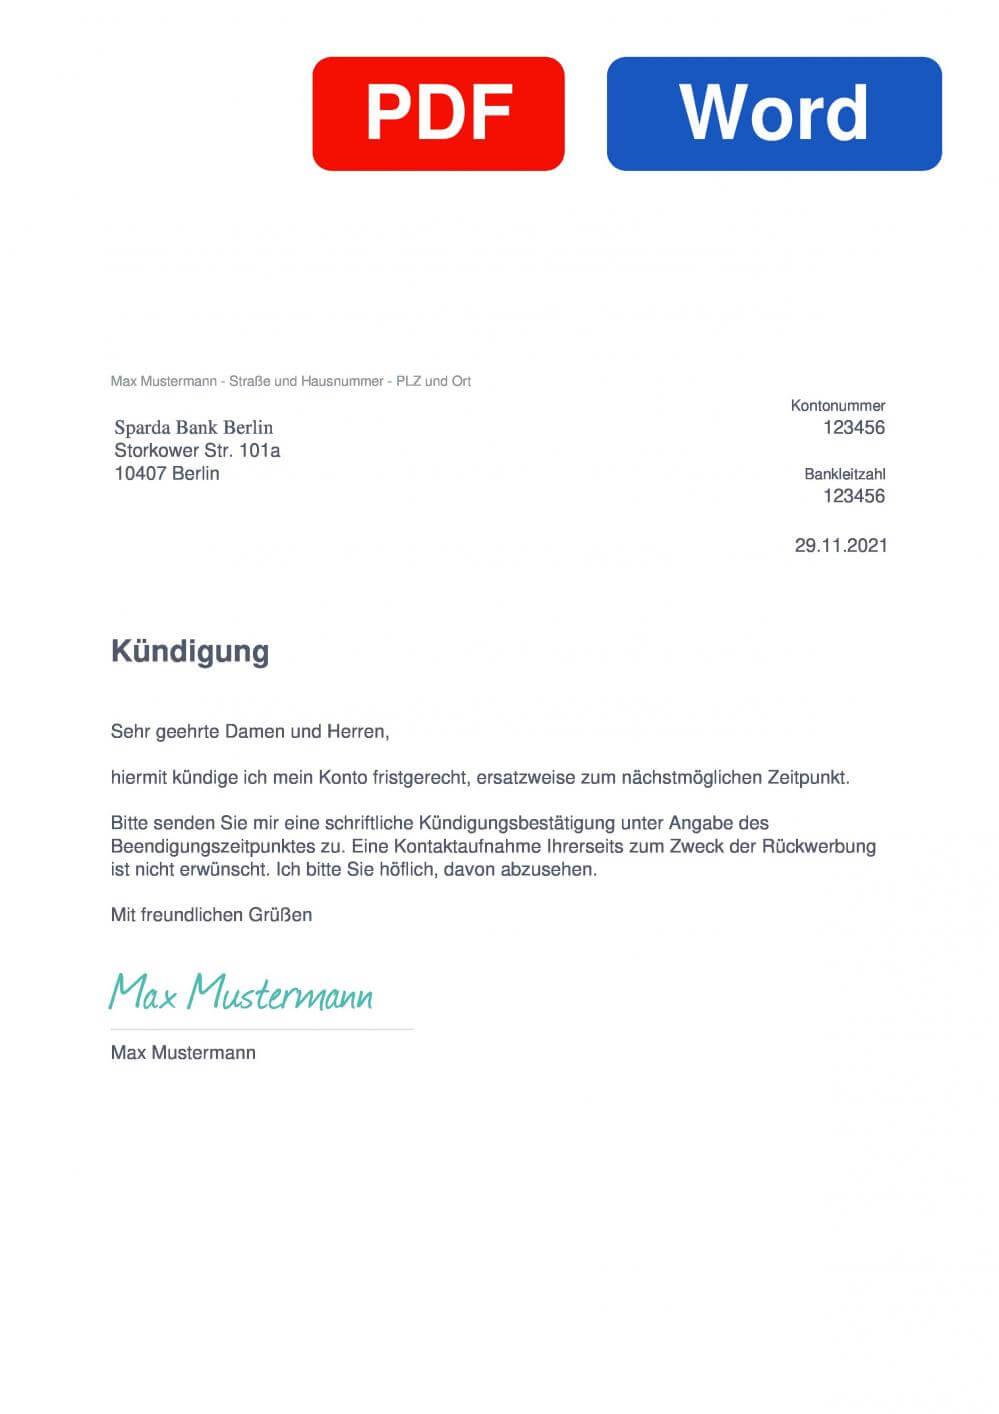 Sparda Bank Berlin Muster Vorlage für Kündigungsschreiben